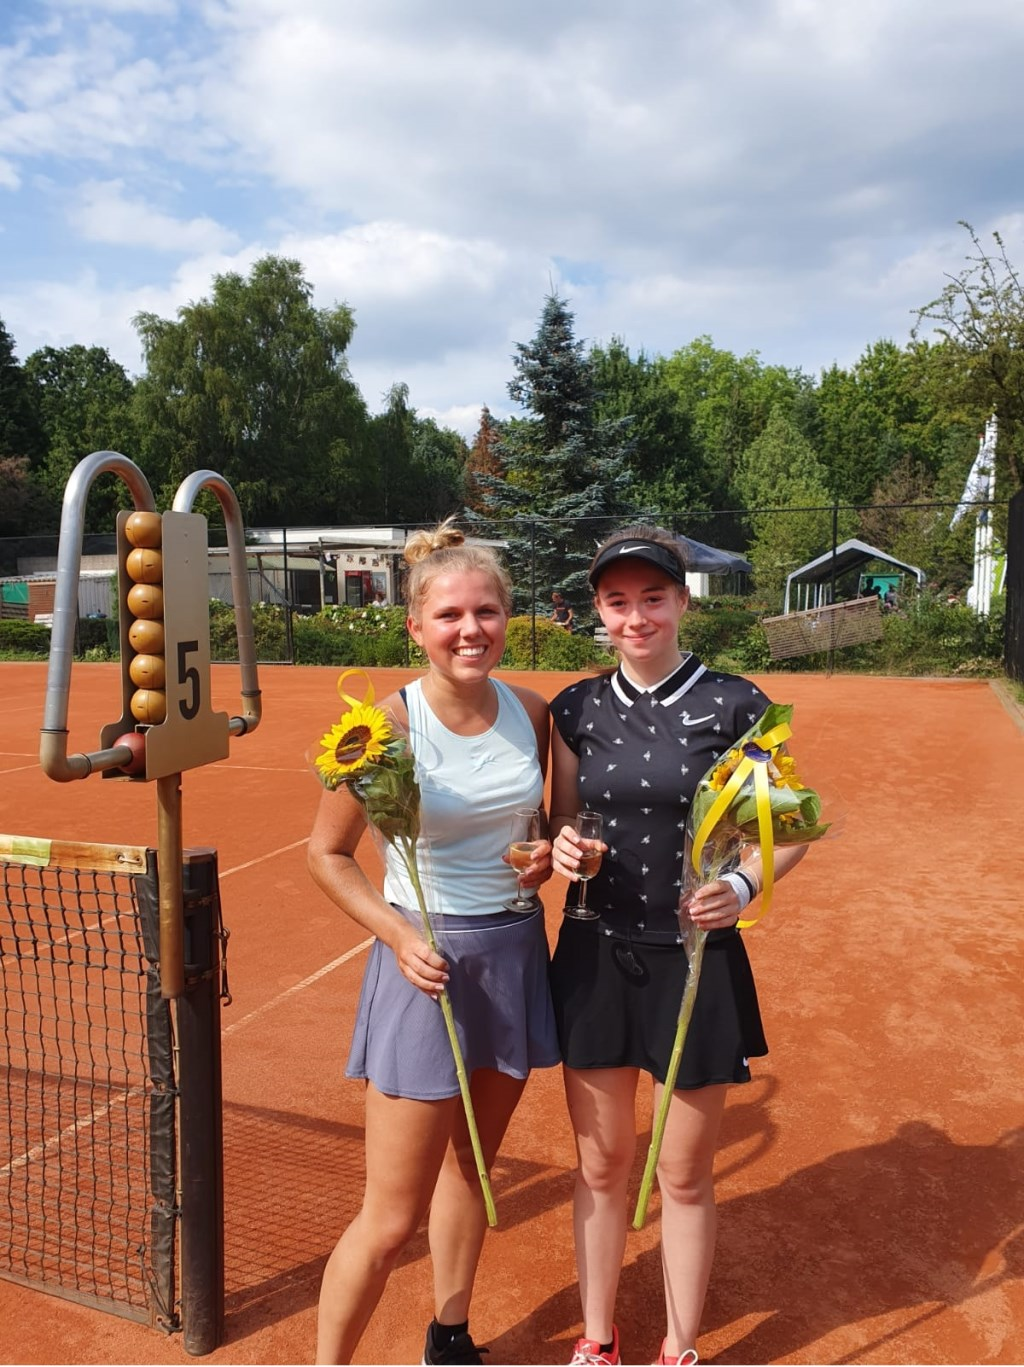 Finalisten enkelspel Murthe Ijzerman en Willie Nijborg.  © De Vierklank